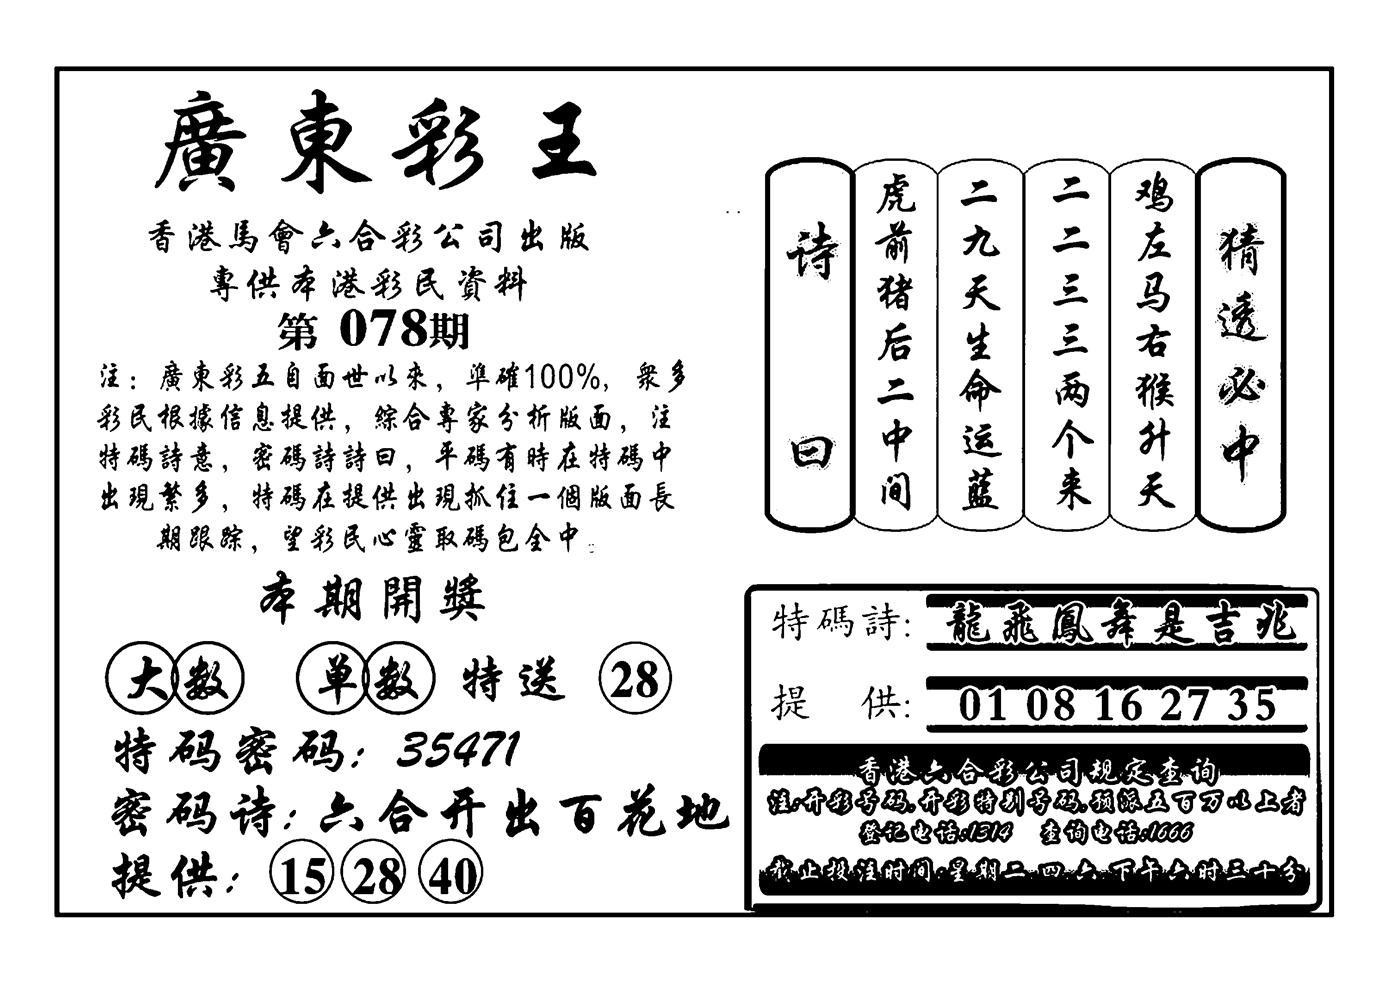 078期广东彩王(黑白)